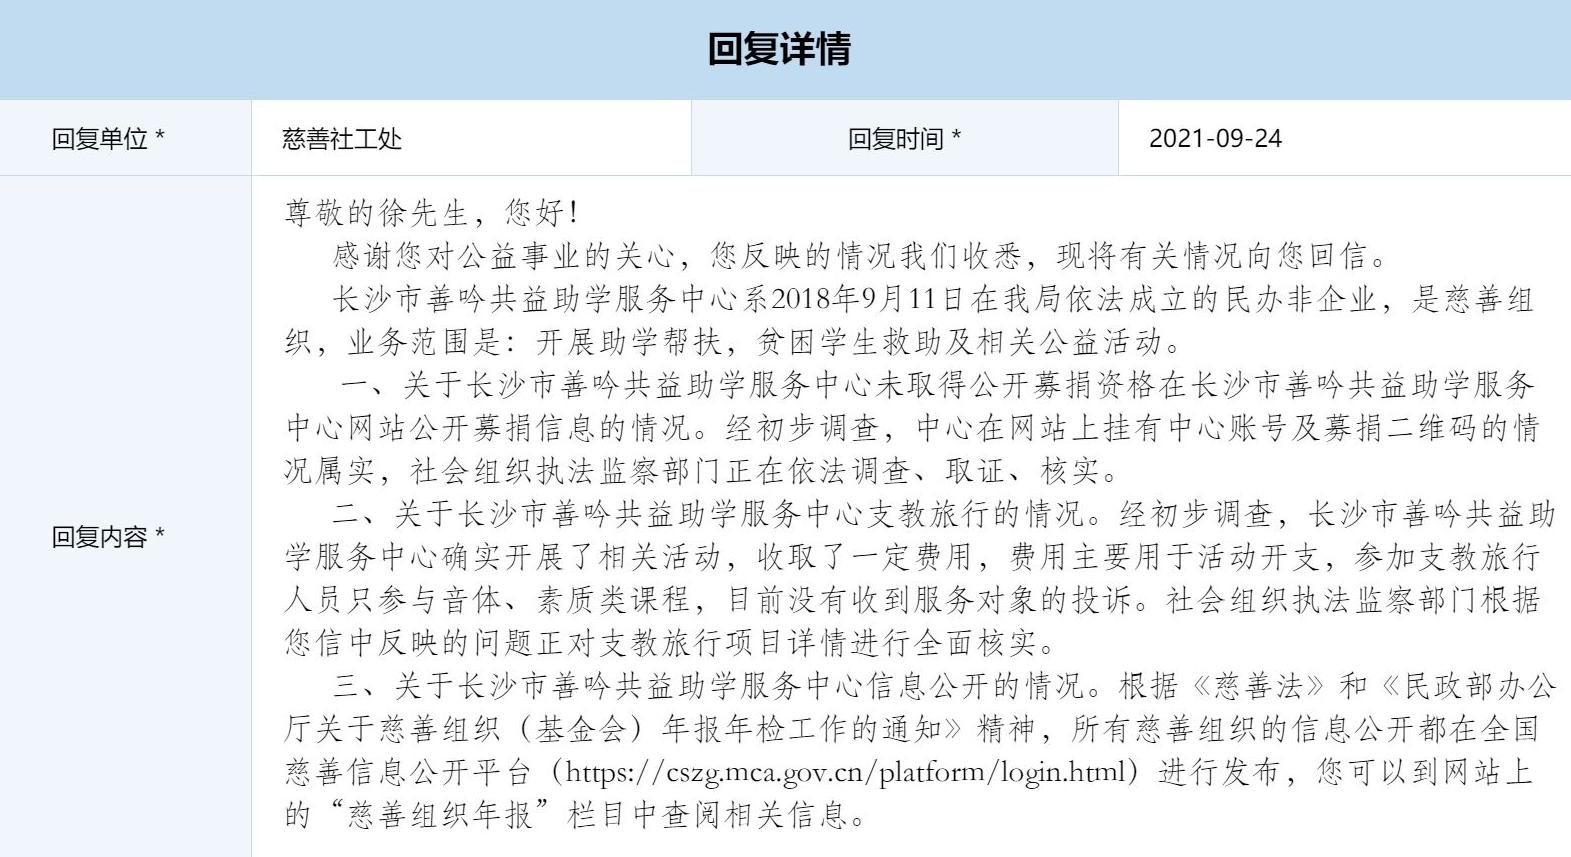 长沙市民政局回复网友关于对善吟共益投诉